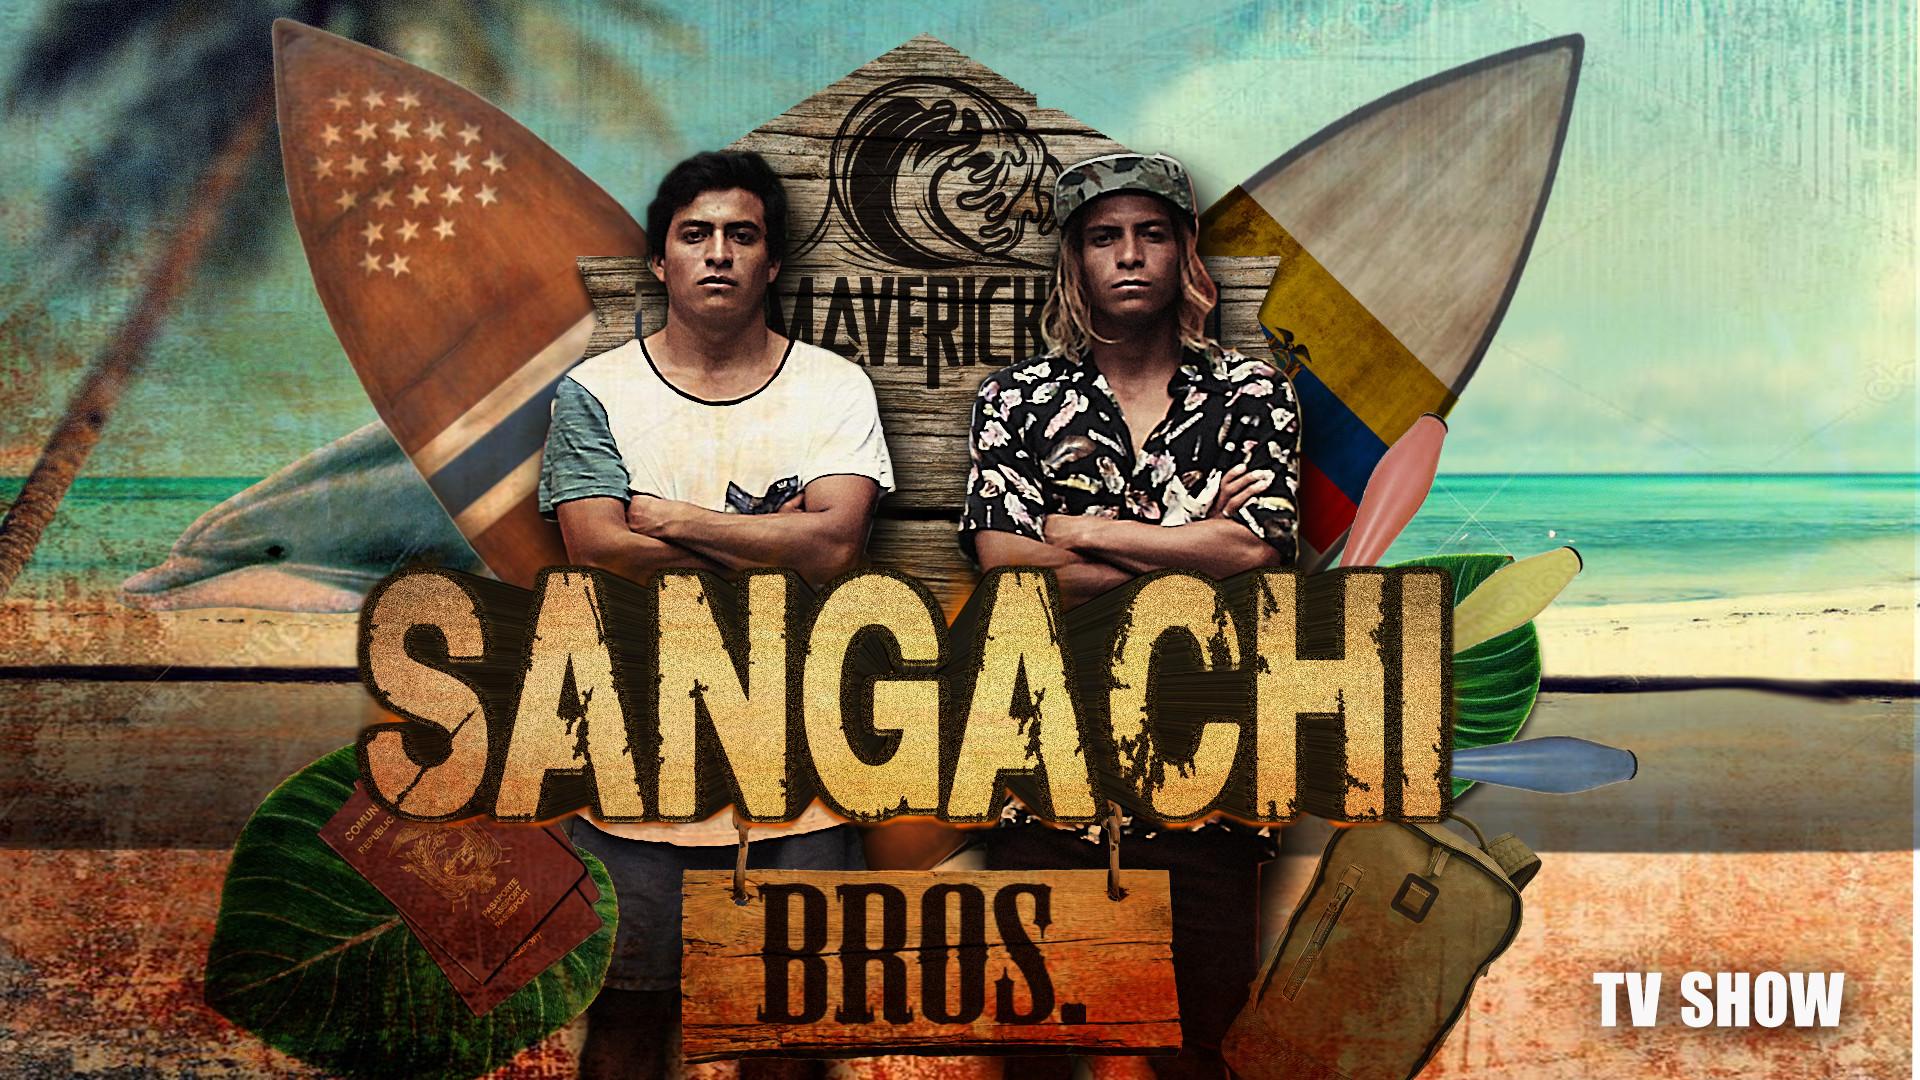 Sangachi Bros.